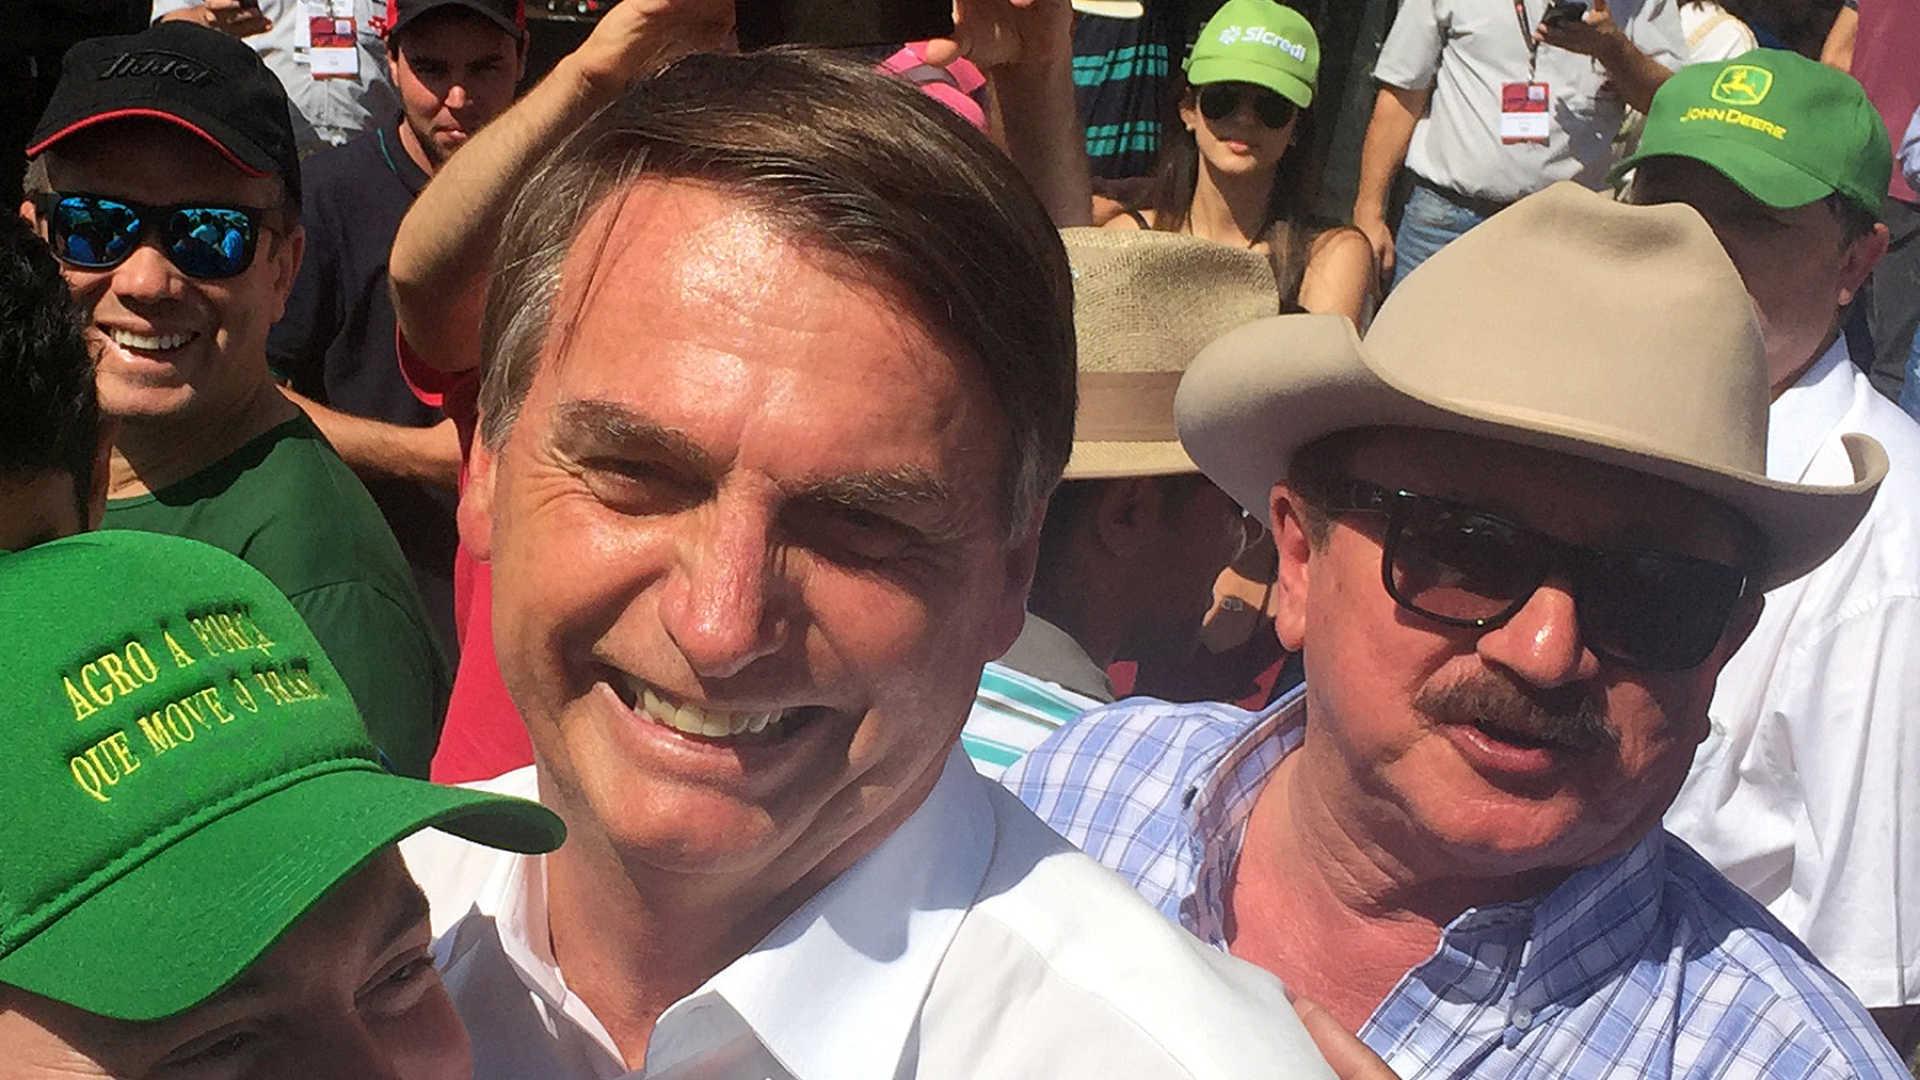 polémica: em vídeo jair bolsonaro admite zoofilia e bater em mulheres - naom 5bbdecf9a463d - Polémica: Em vídeo Jair Bolsonaro admite zoofilia e bater em mulheres